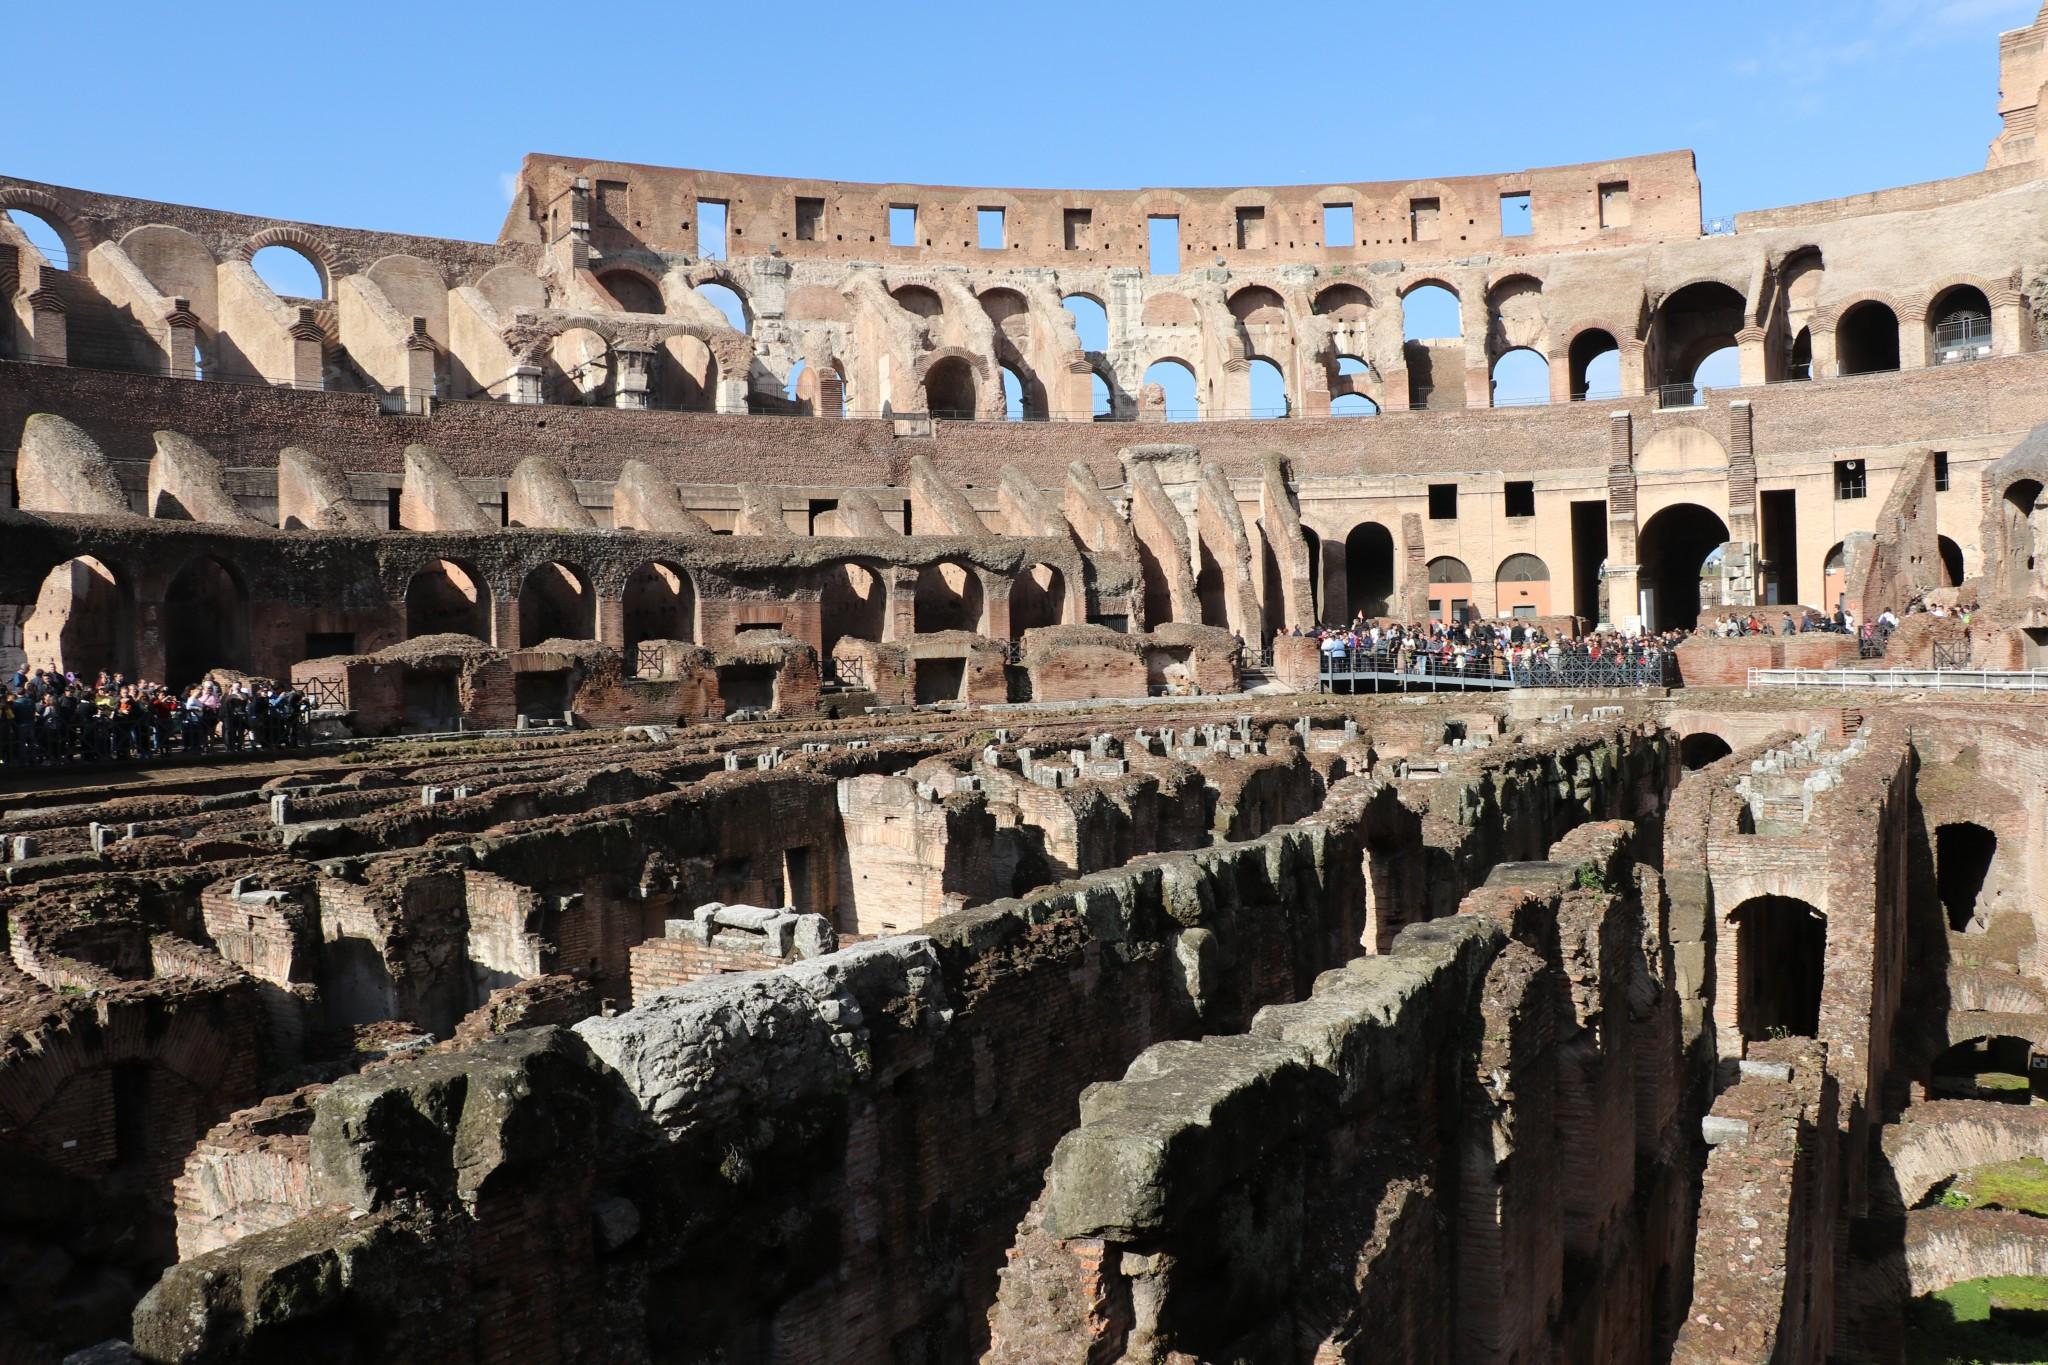 colluseum rom